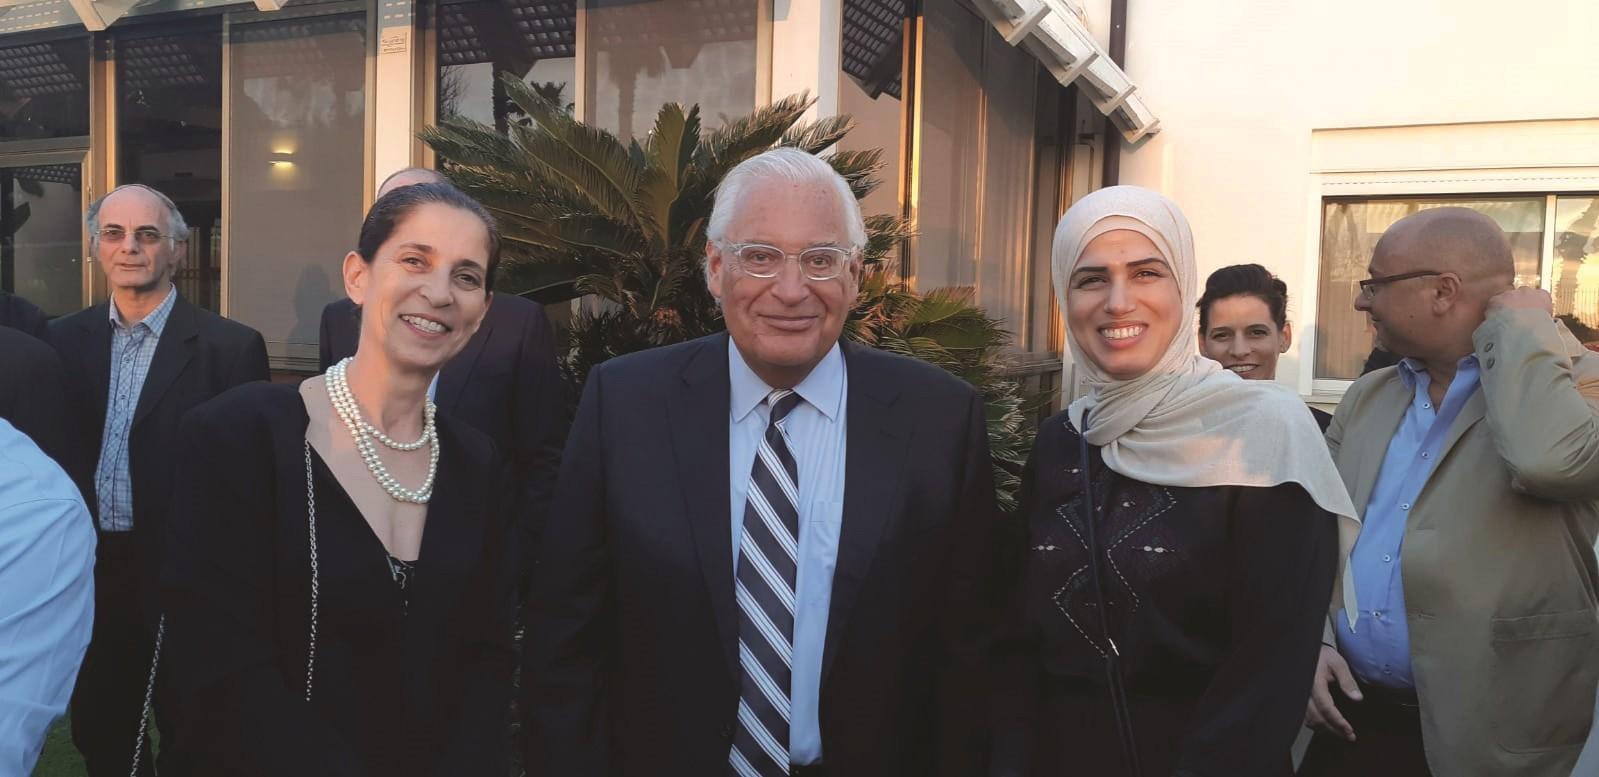 שגריר ארהב דיוויד פרידמן עם נשות ליגת הידידות לתרבות וספורט